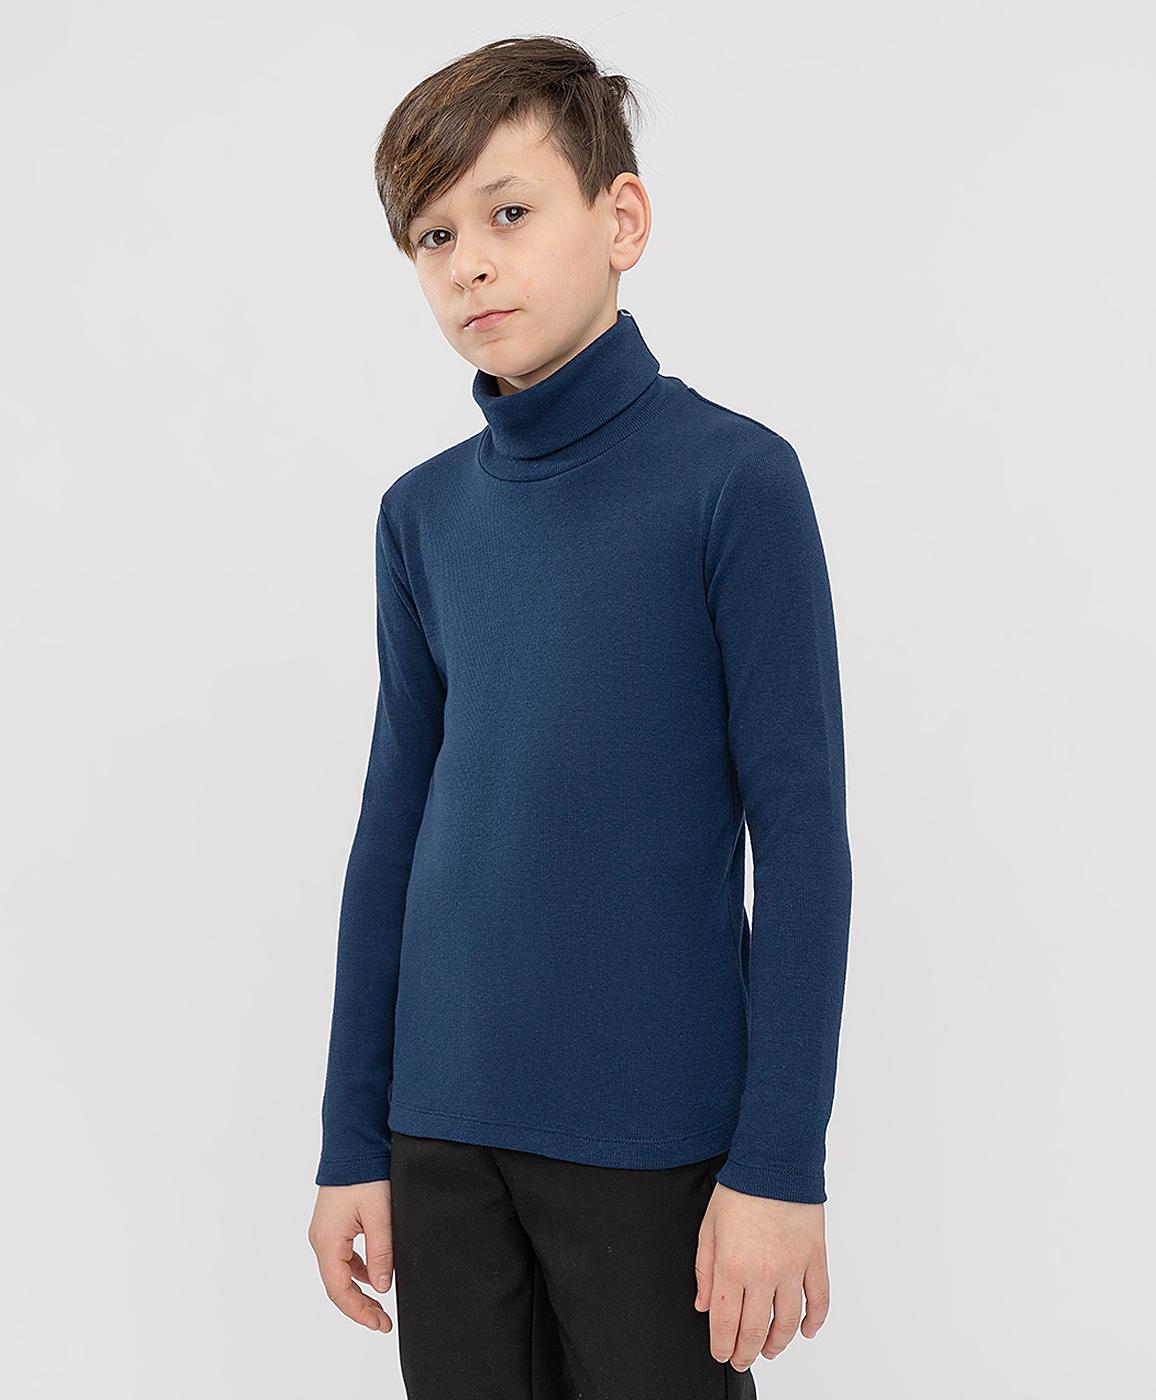 Купить 221BBBS18011000, Водолазка синяя Button Blue, 164, Хлопок, Мужской, ШКОЛЬНАЯ ФОРМА 2021-2022 (shop: GulliverMarket Gulliver Market)